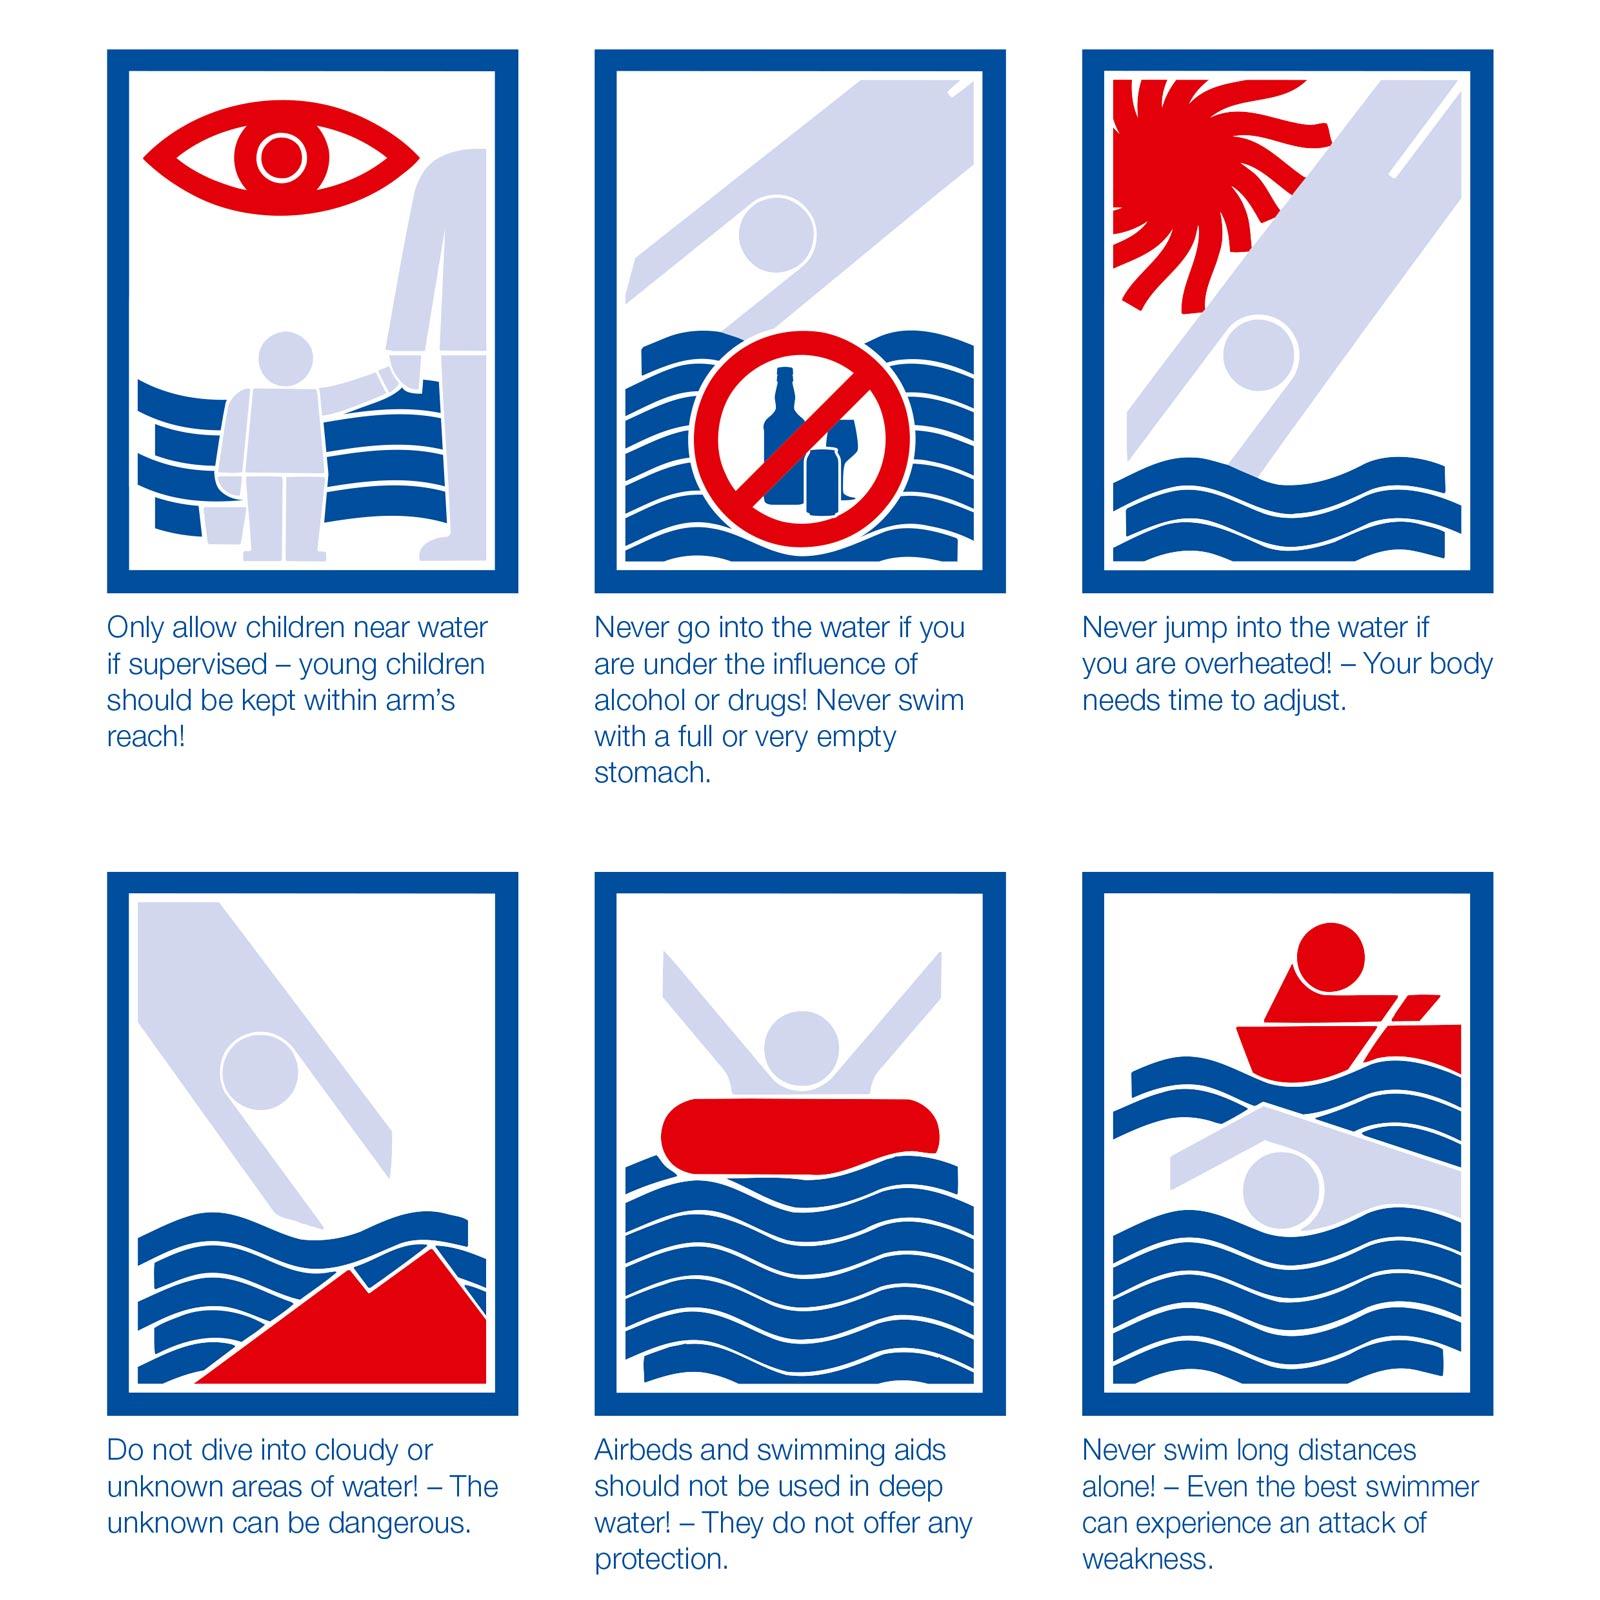 Basic swimming rules in Switzerland / Règles de base de la natation en Suisse / Algemene zwemregels in Zwitserland - © SLRG SSS